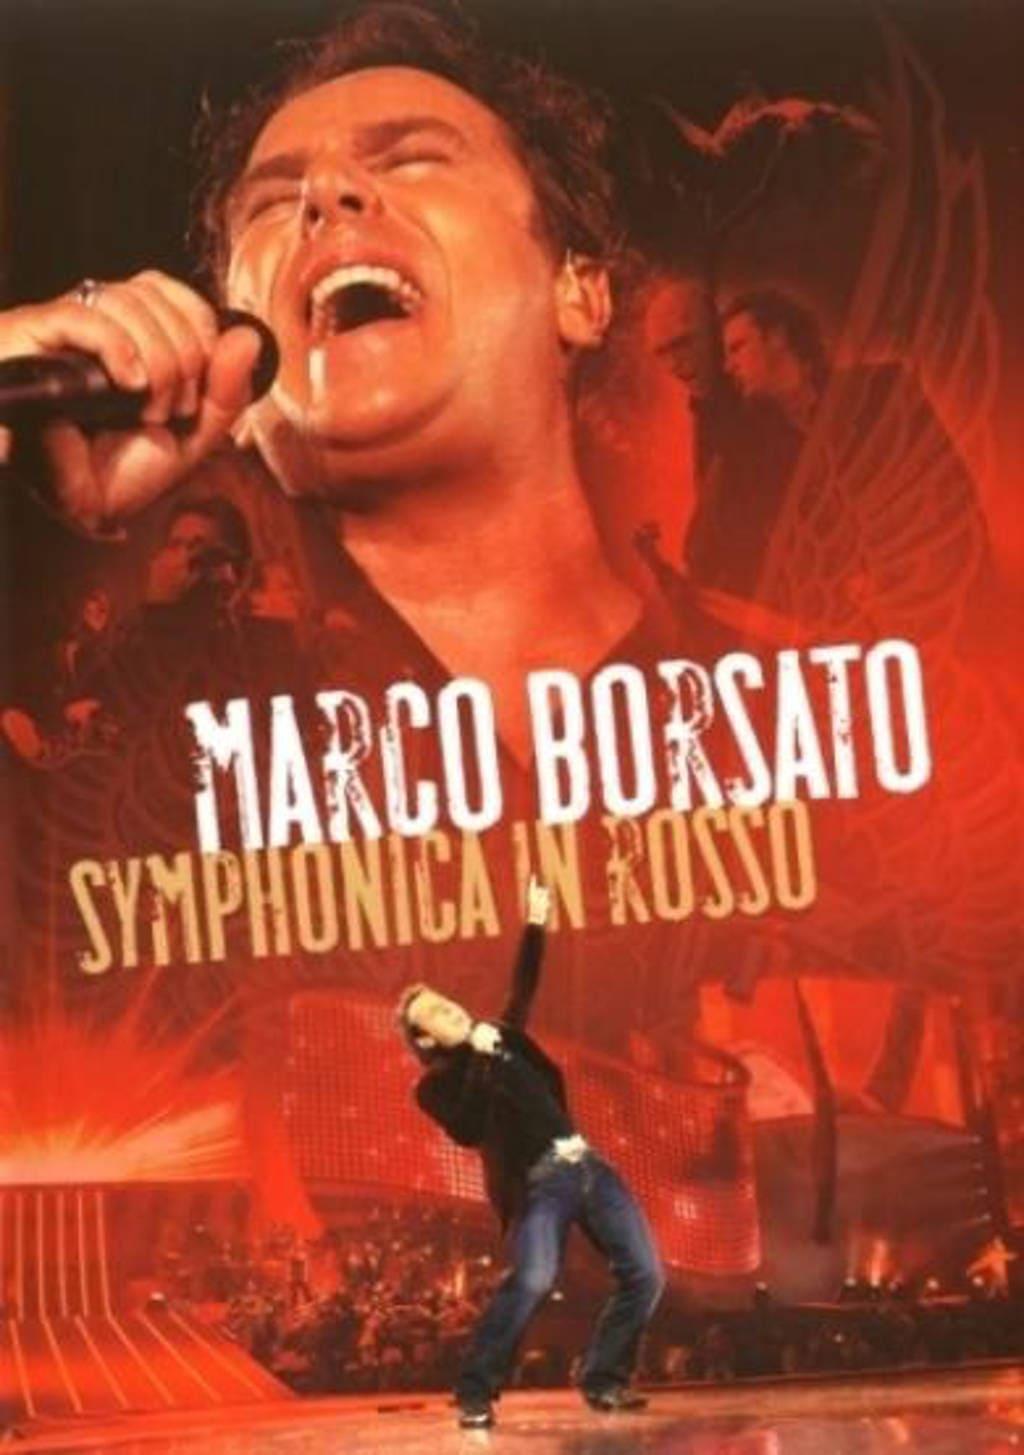 Marco Borsato - Symphonica in Rosso